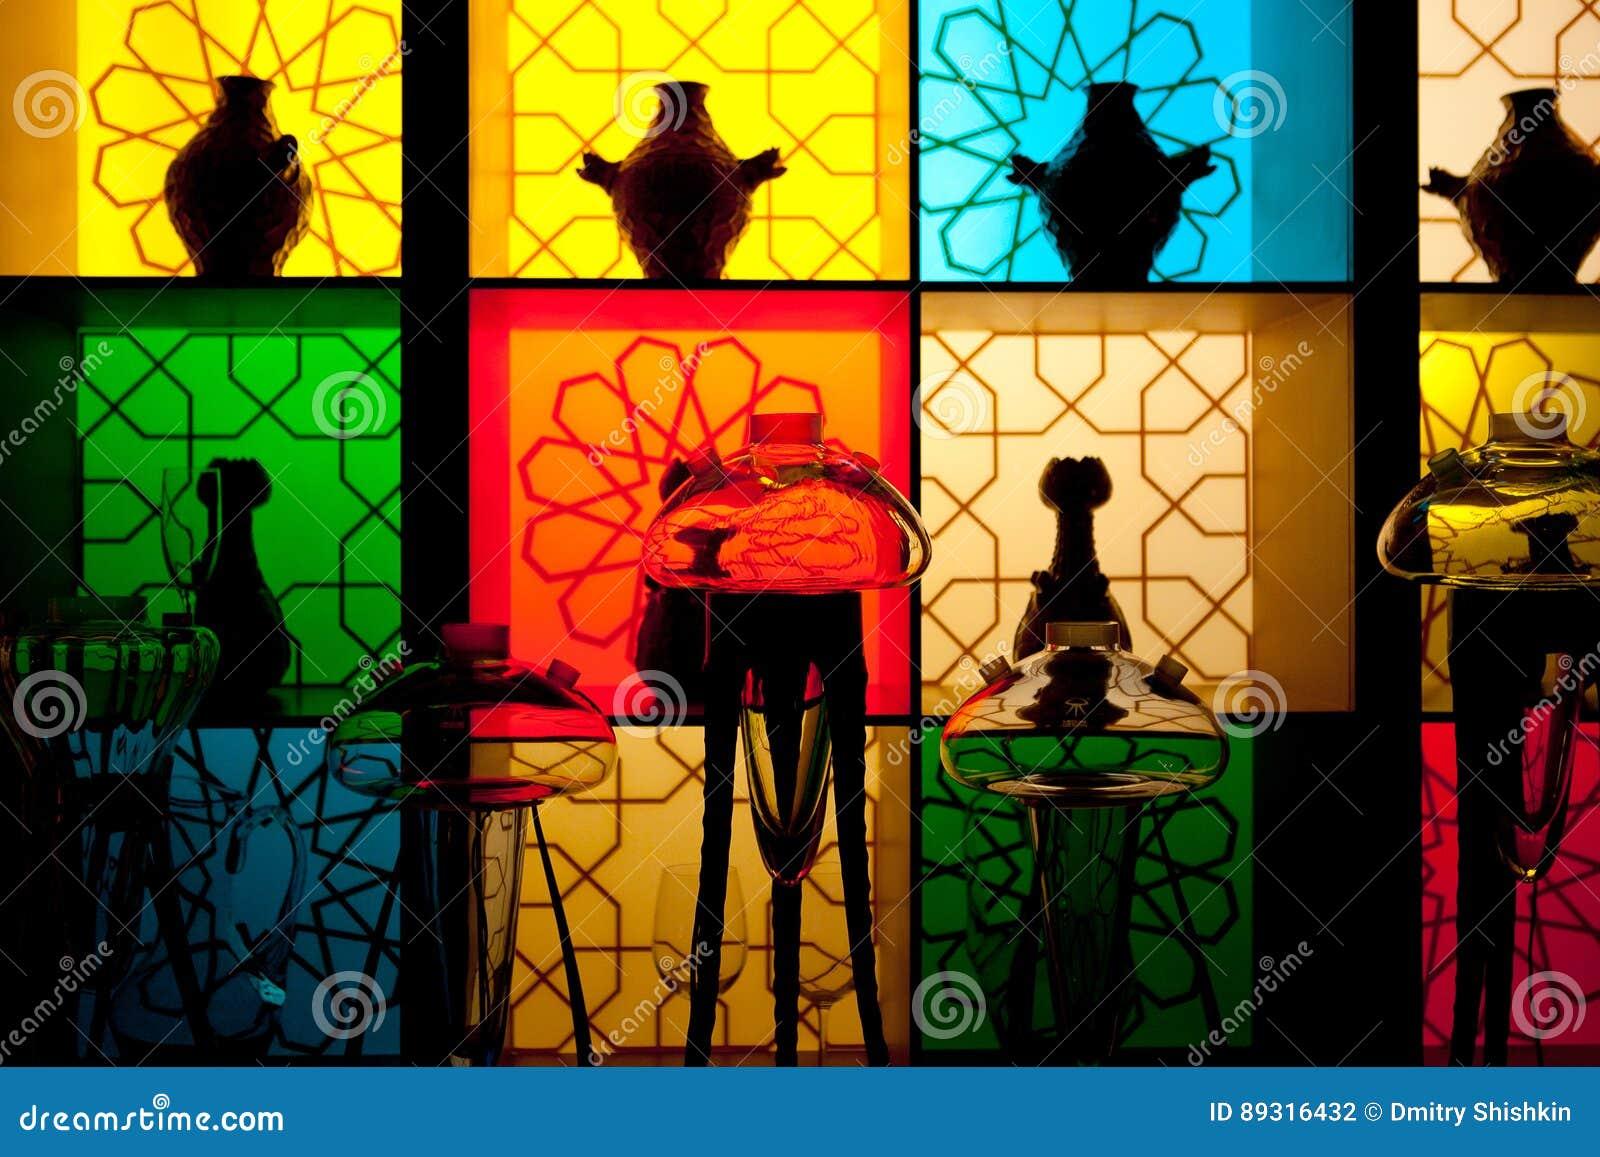 Дизайн интерьера с красочными декоративными стеклянными бутылками